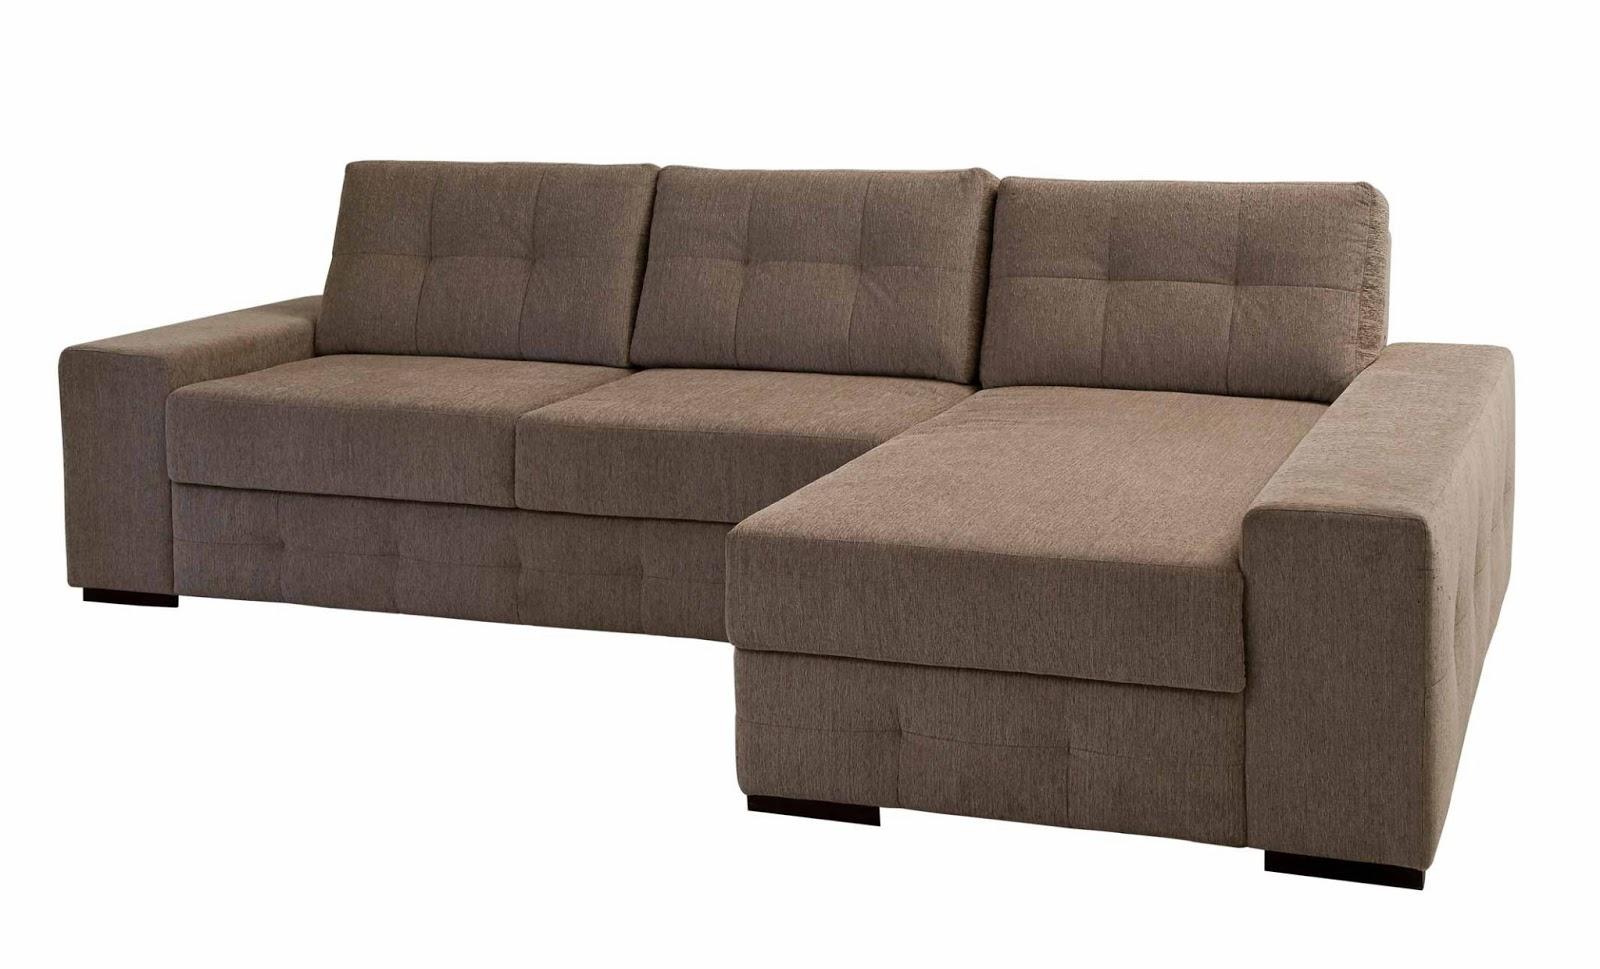 Celso oliveira estofados sof chaise tecido de linho for Sofas com chaise e puff